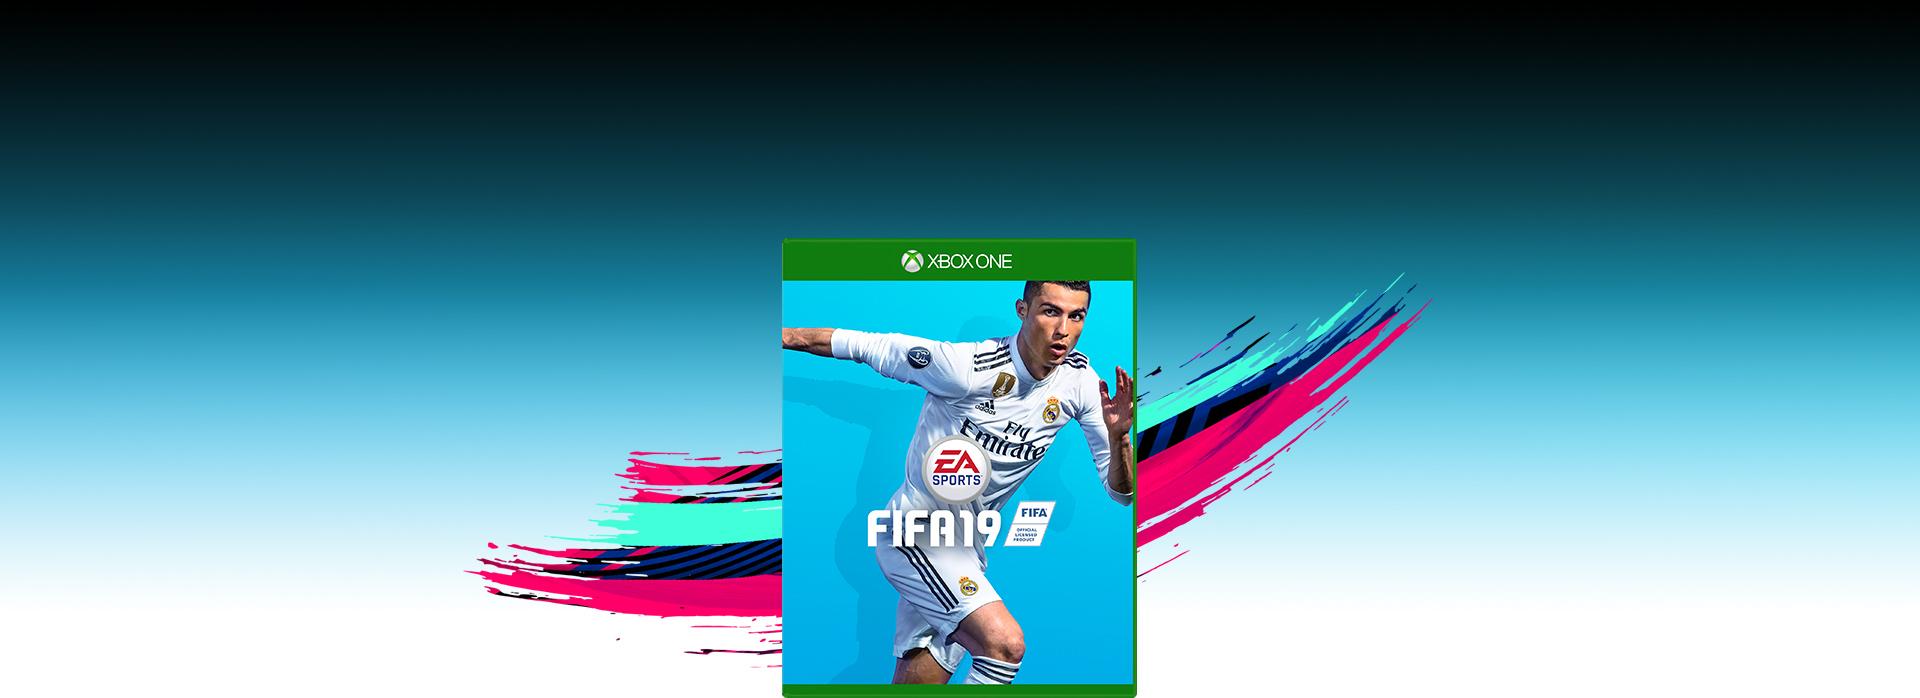 Imagem da caixa do FIFA19